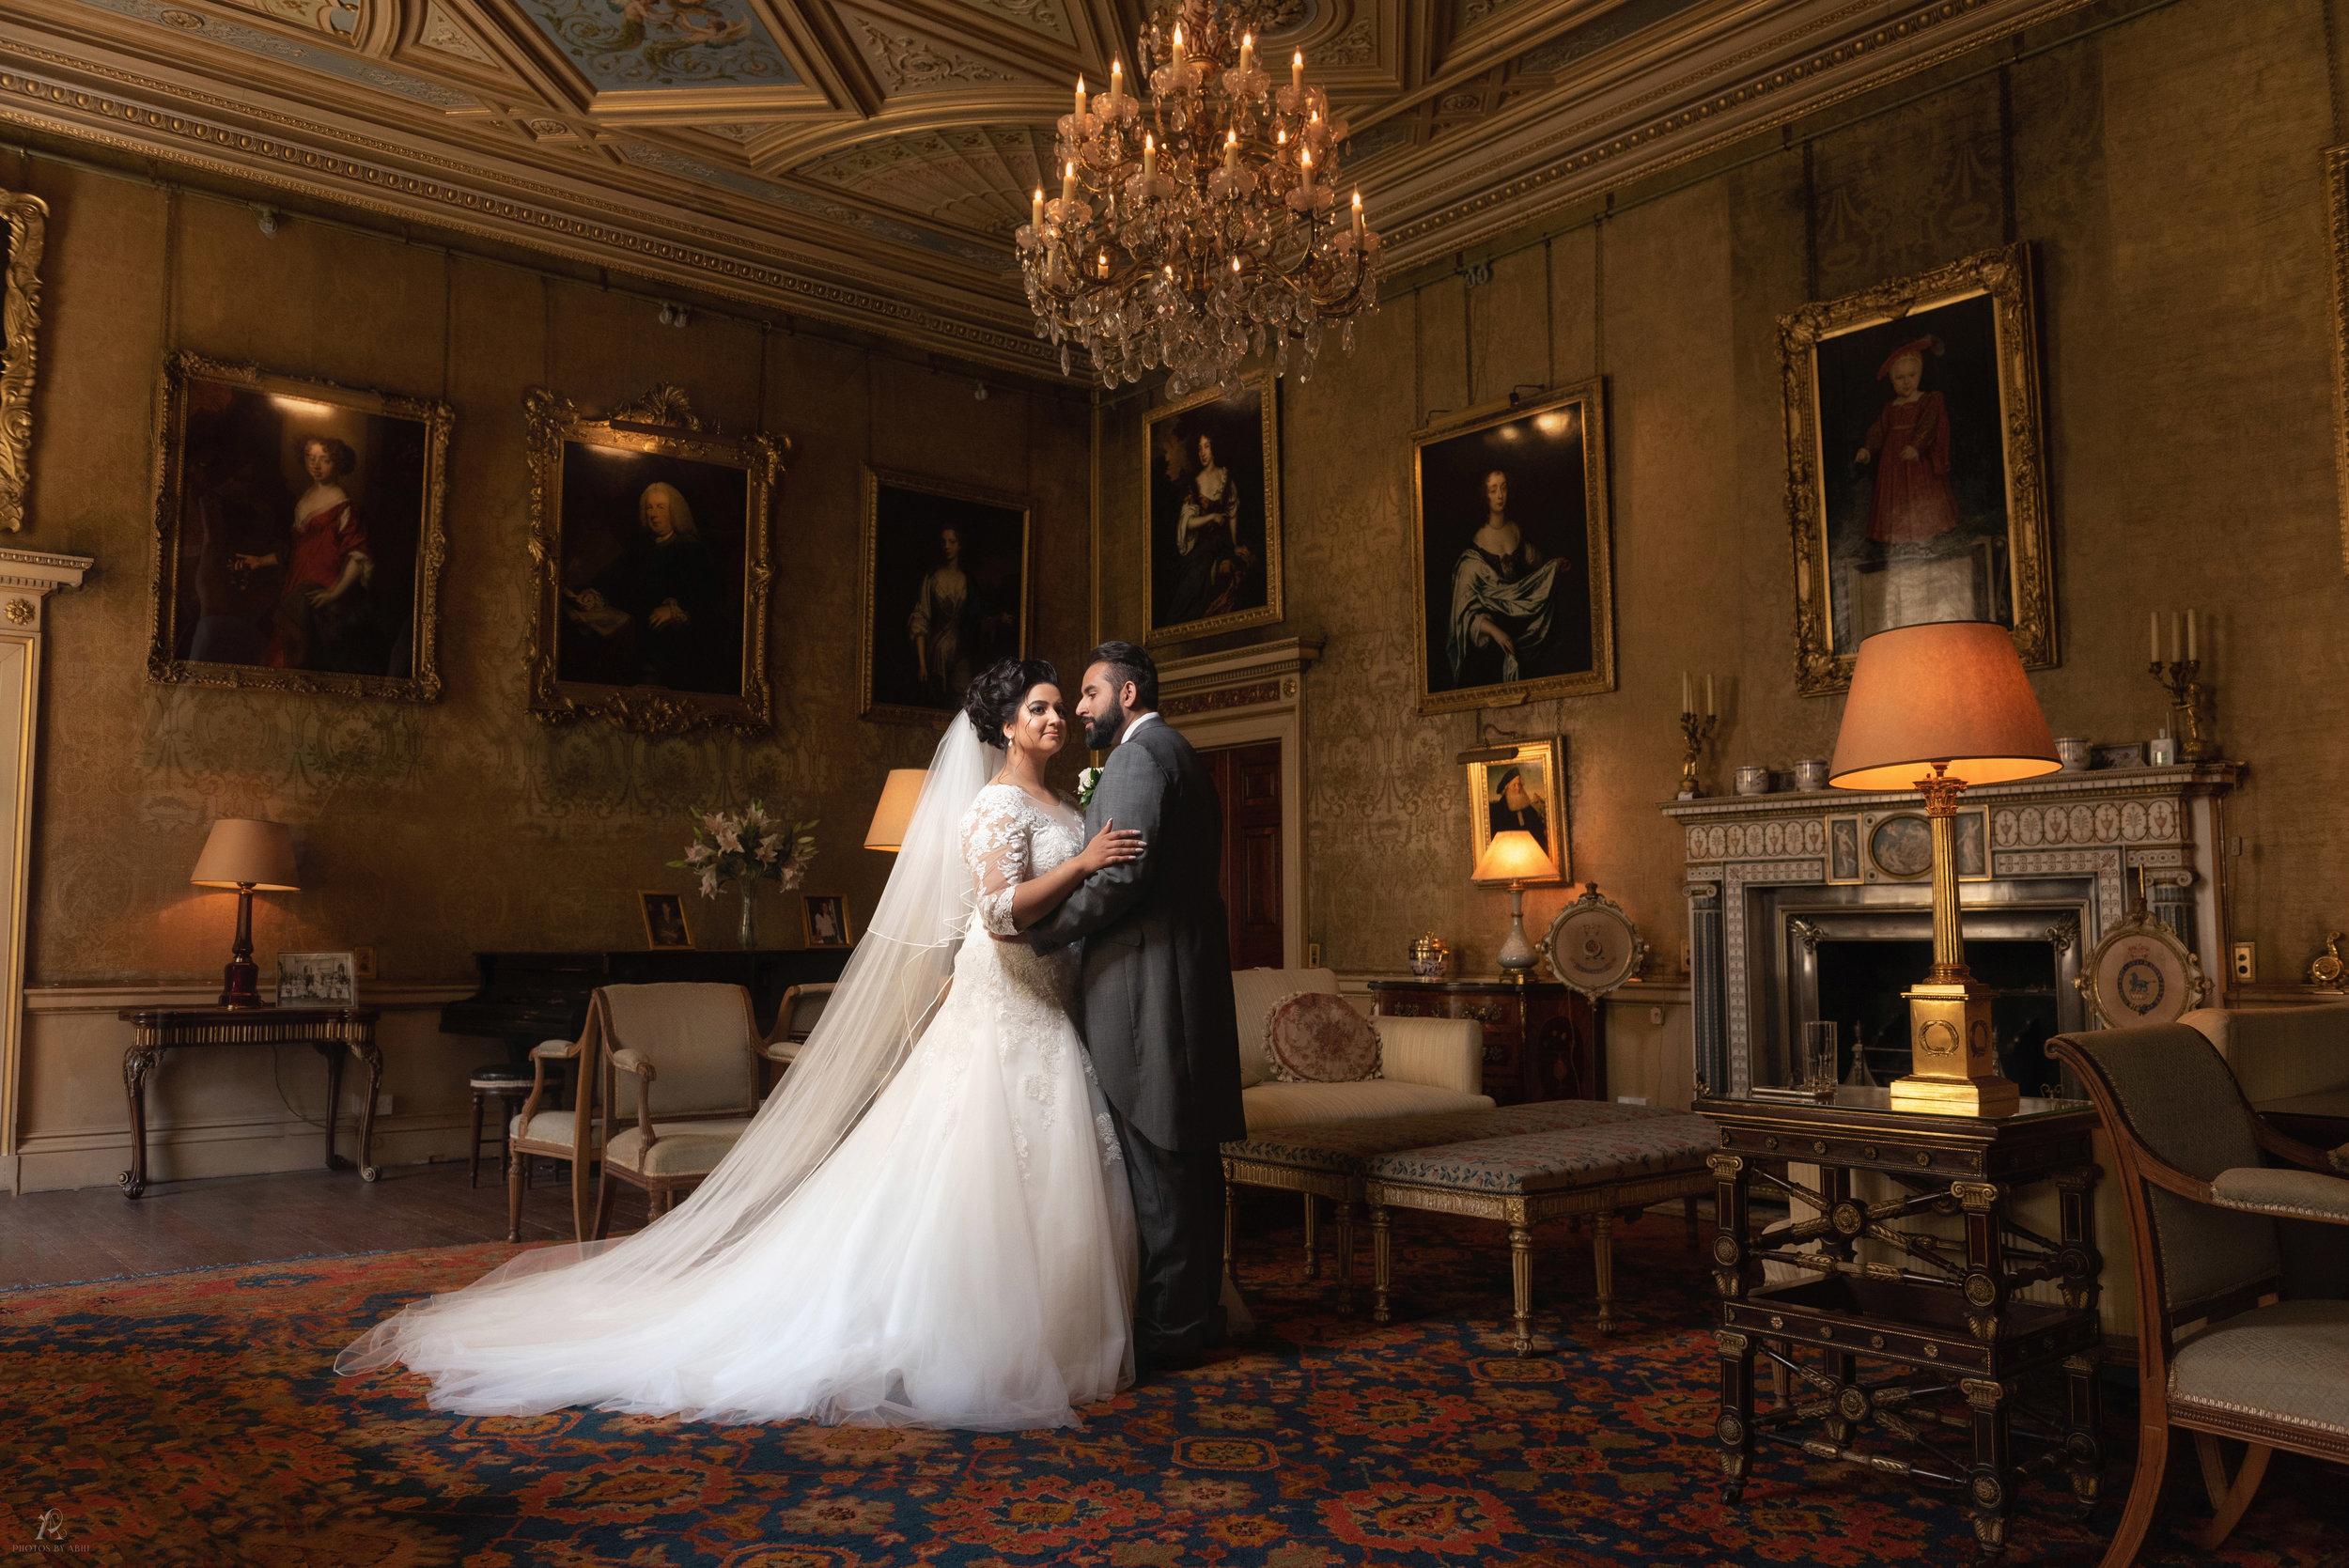 Civil Wedding - Syon House - London